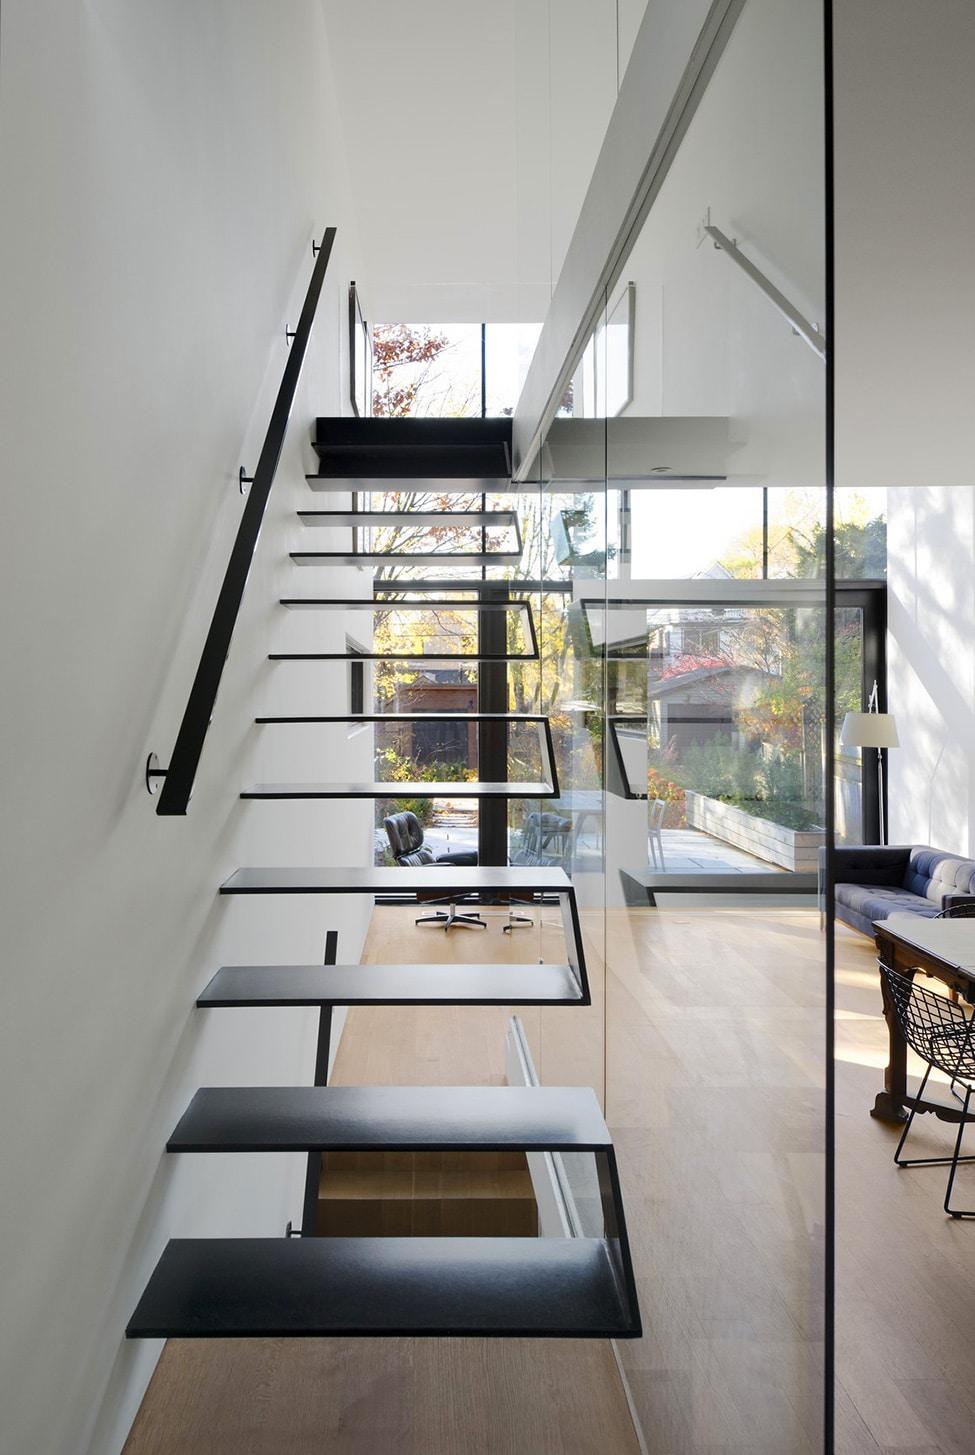 Planos de casa angosta y larga - Diseno de interiores casas modernas ...